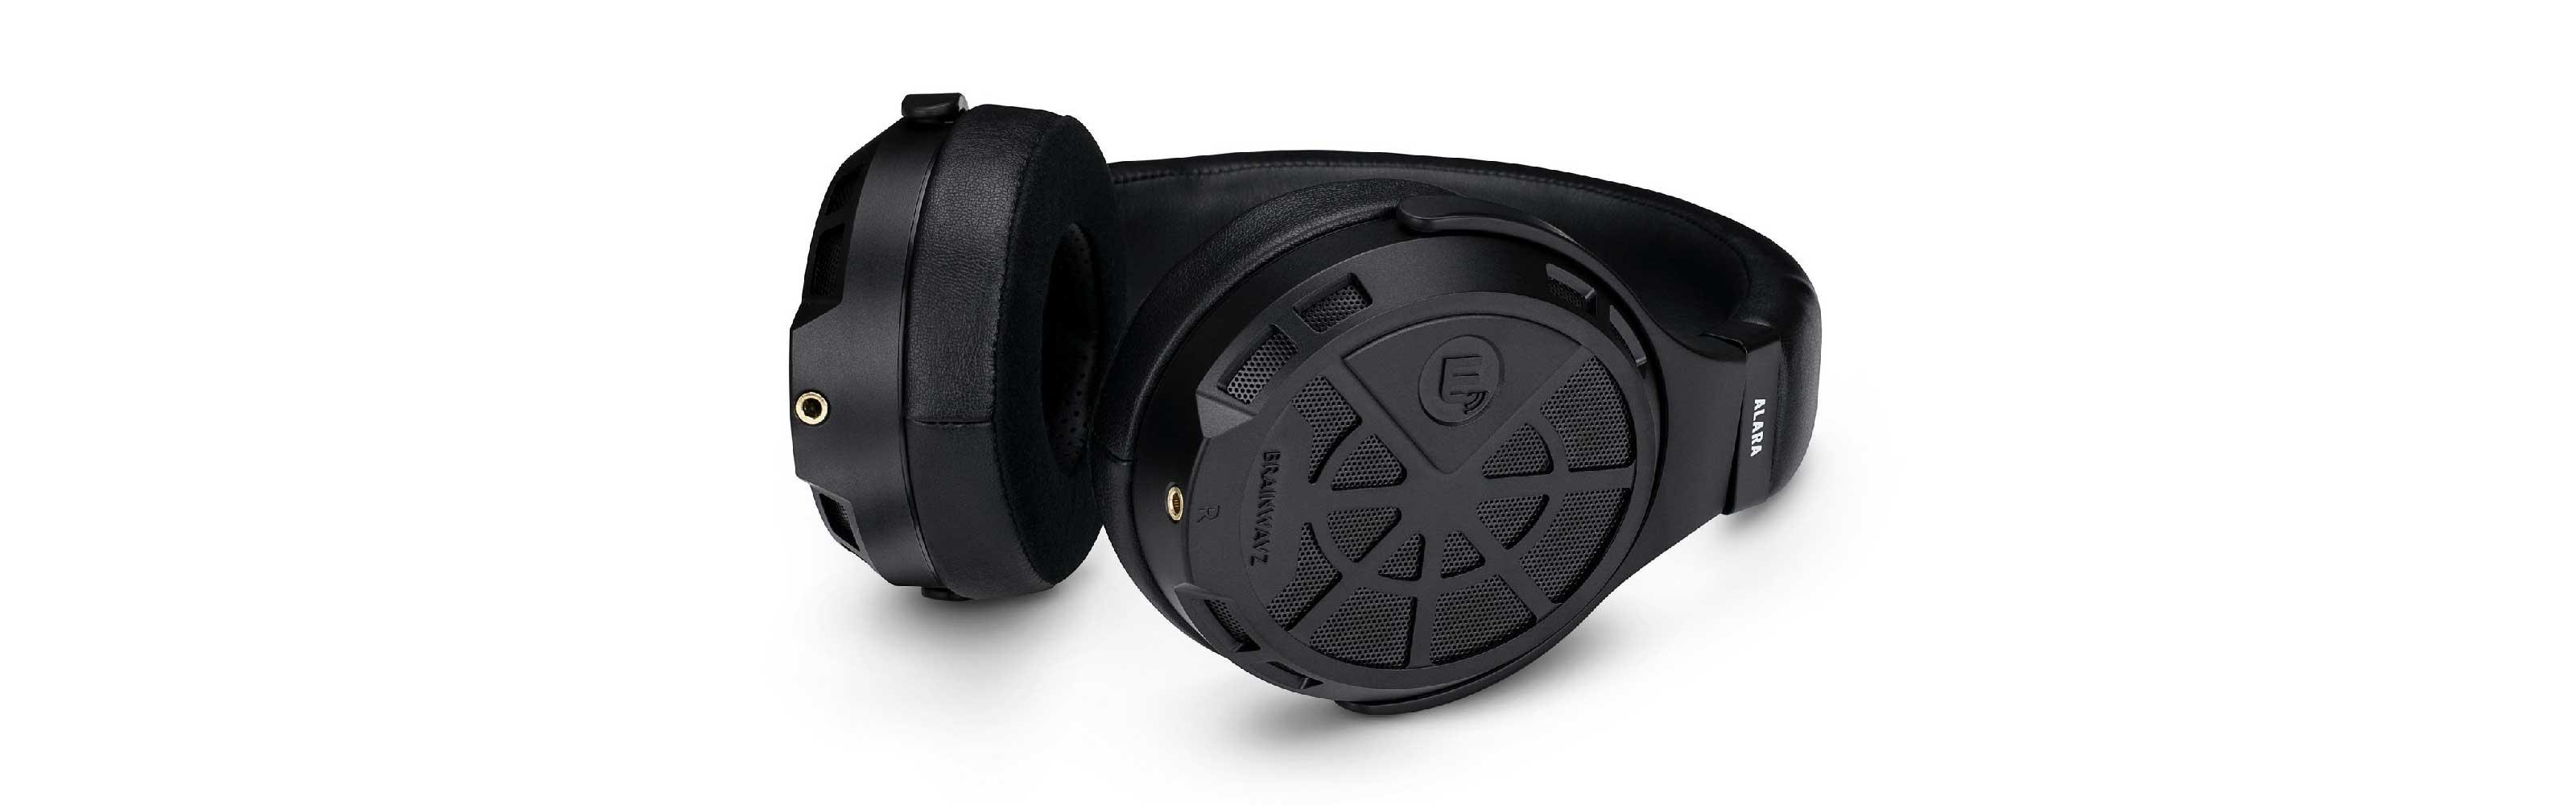 Brainwavz Audio Alara Planar Magnetic Headphone Review